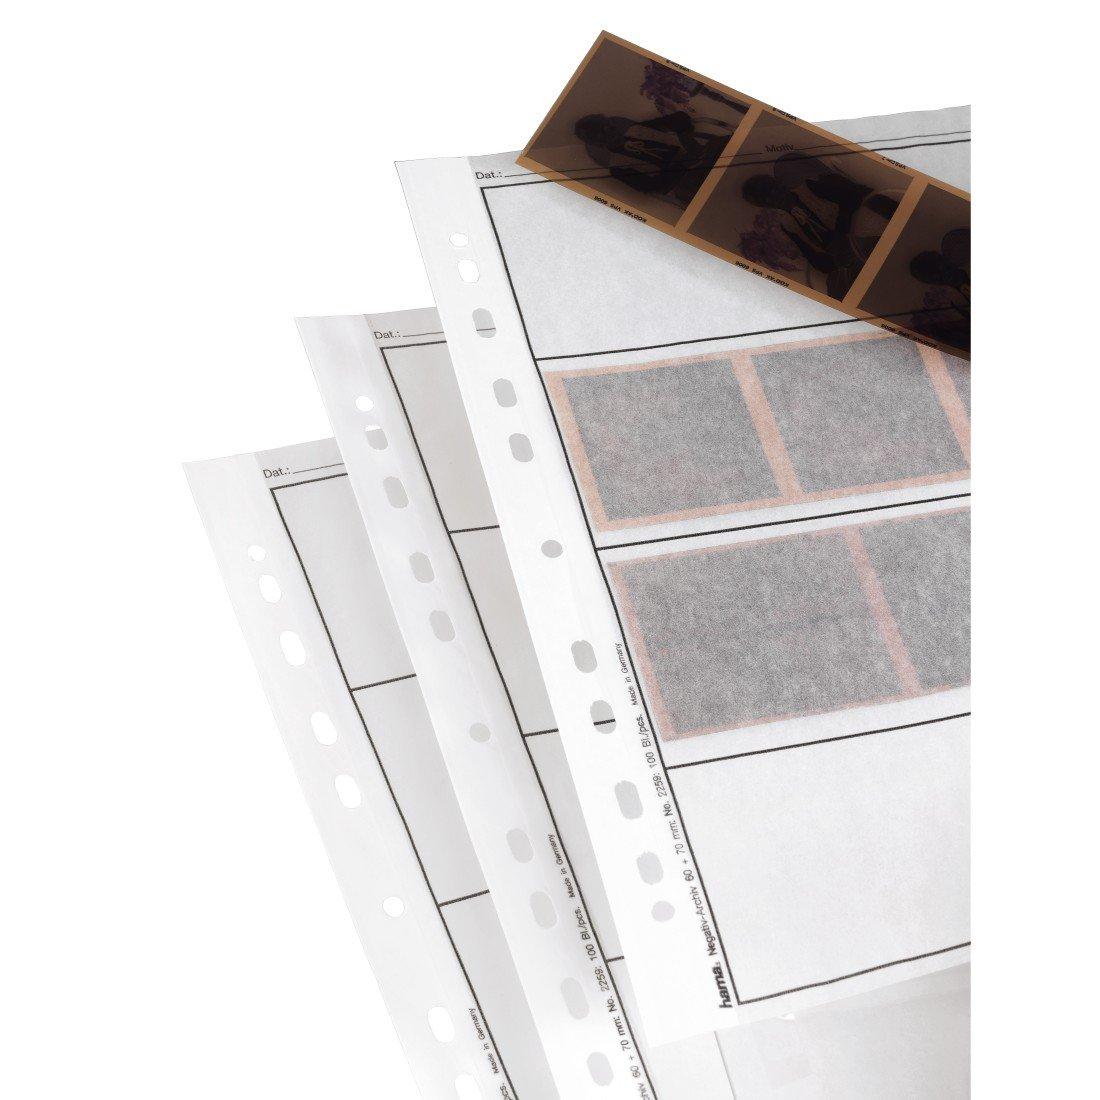 Hama - Negative sleeves, 60-70 mm, Glassine matt, 310 mm, 260 mm (importado) 2259